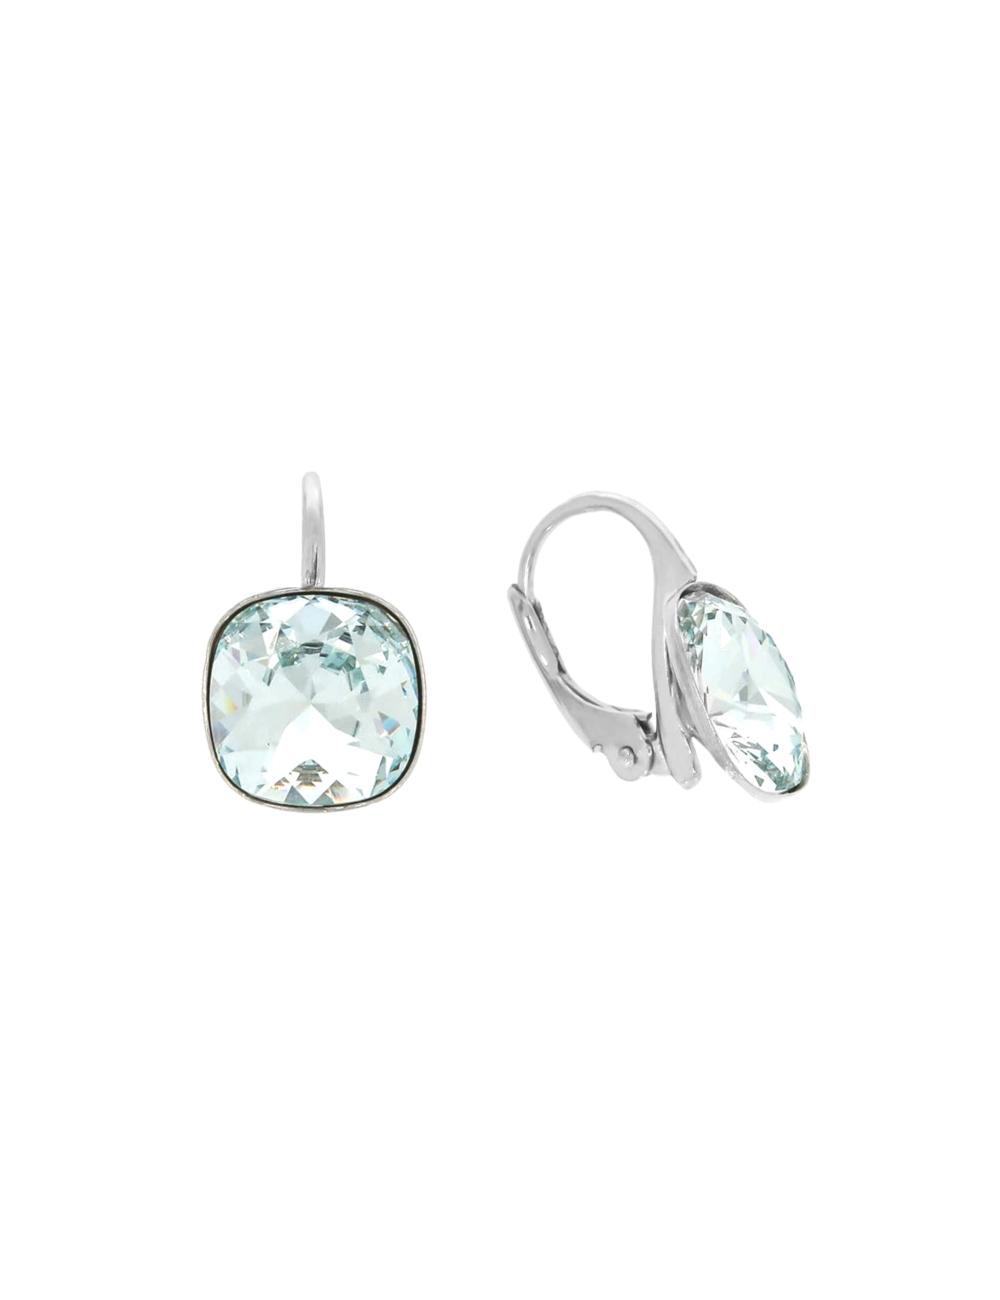 10003894 Kolczyki srebrne pr.925 z kryształami